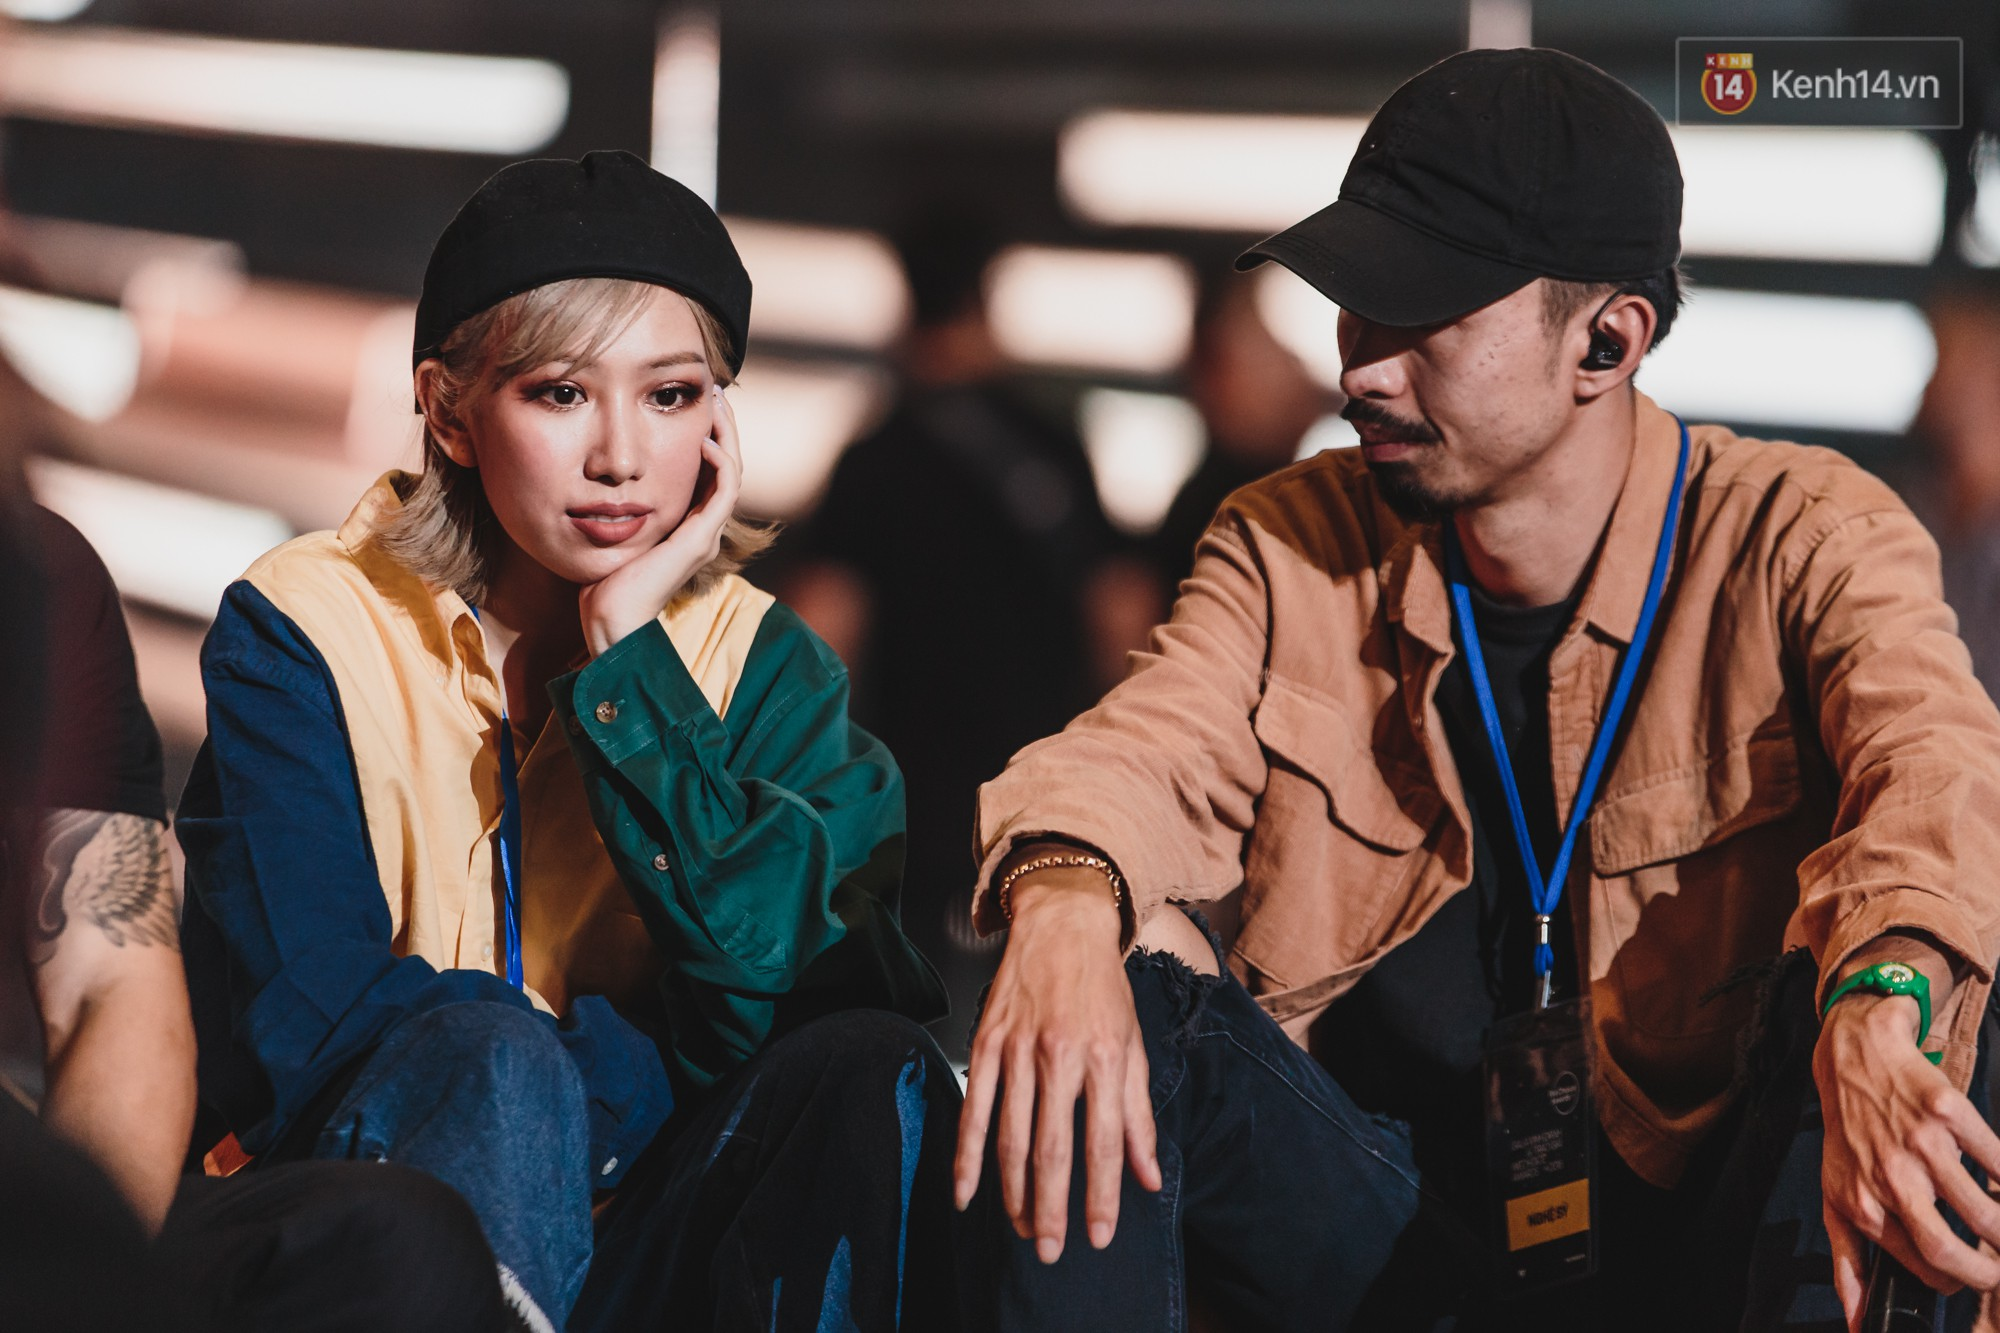 Tổng duyệt Gala WeChoice Awards 2018: Min nằm lăn ra sàn, hiện tượng Hongkong1 và Cô gái m52 lần đầu kết hợp - Ảnh 5.